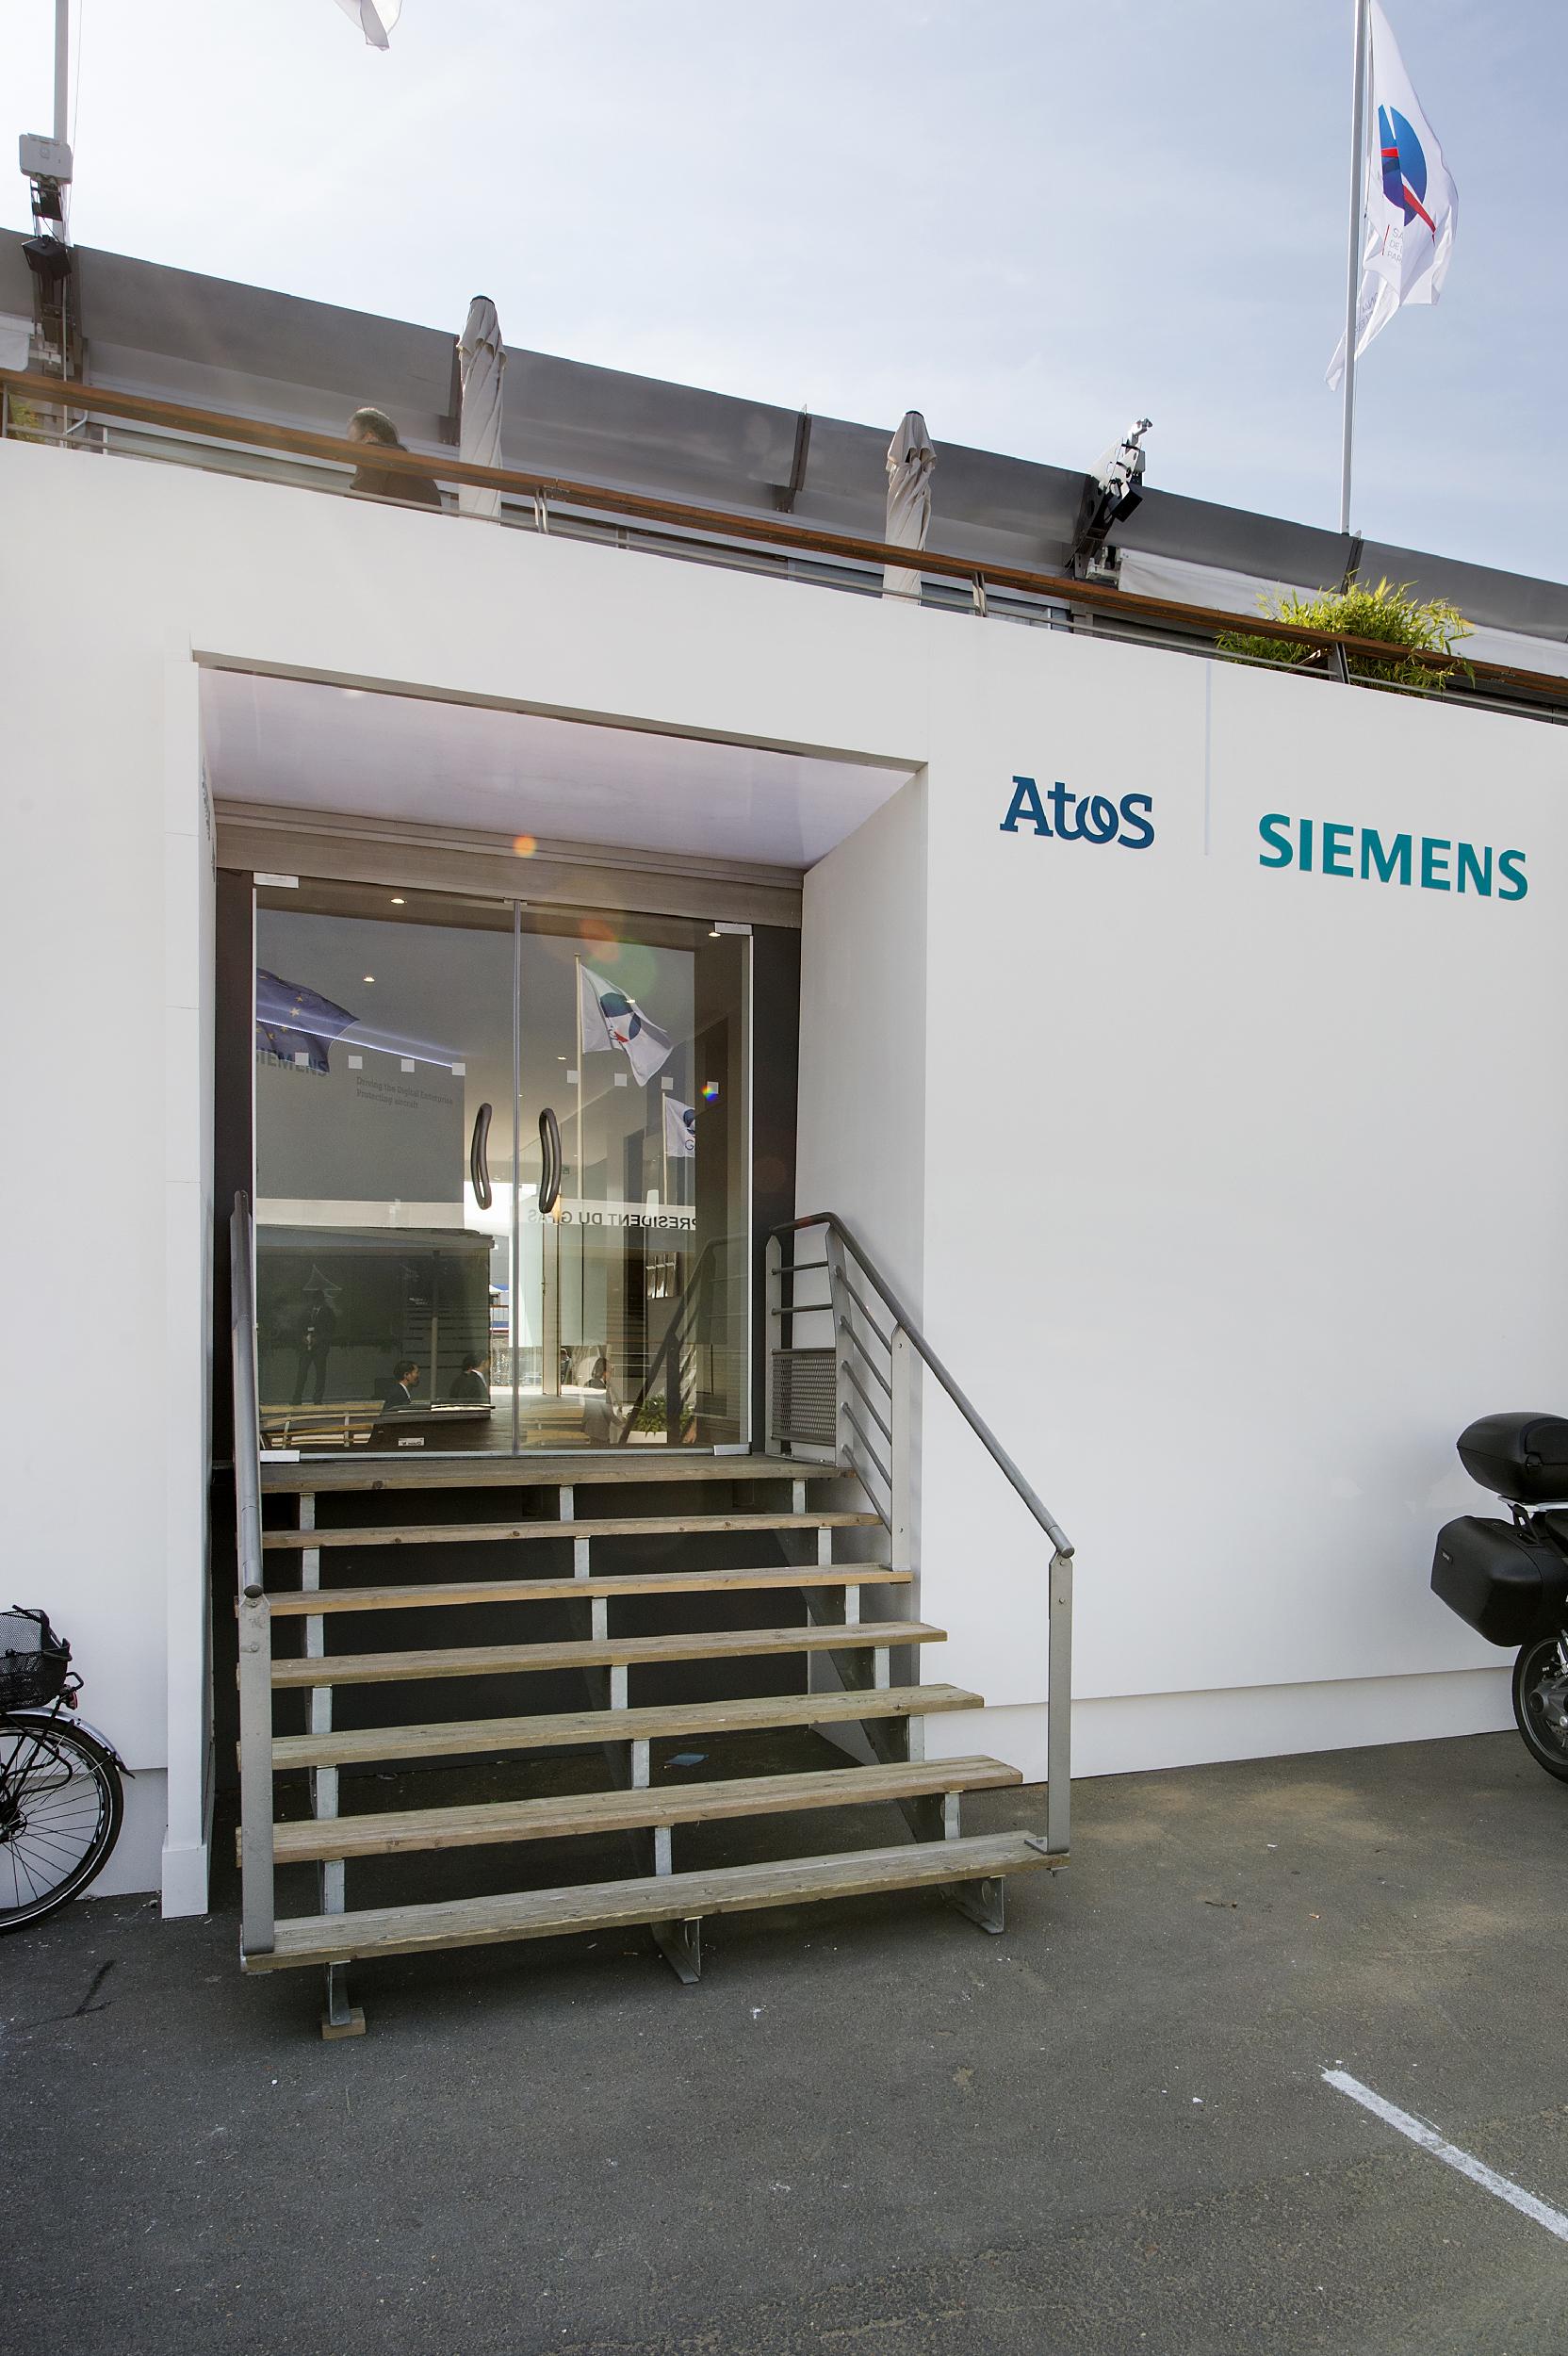 design stand chalet SIEMENS SIAE 03.jpg